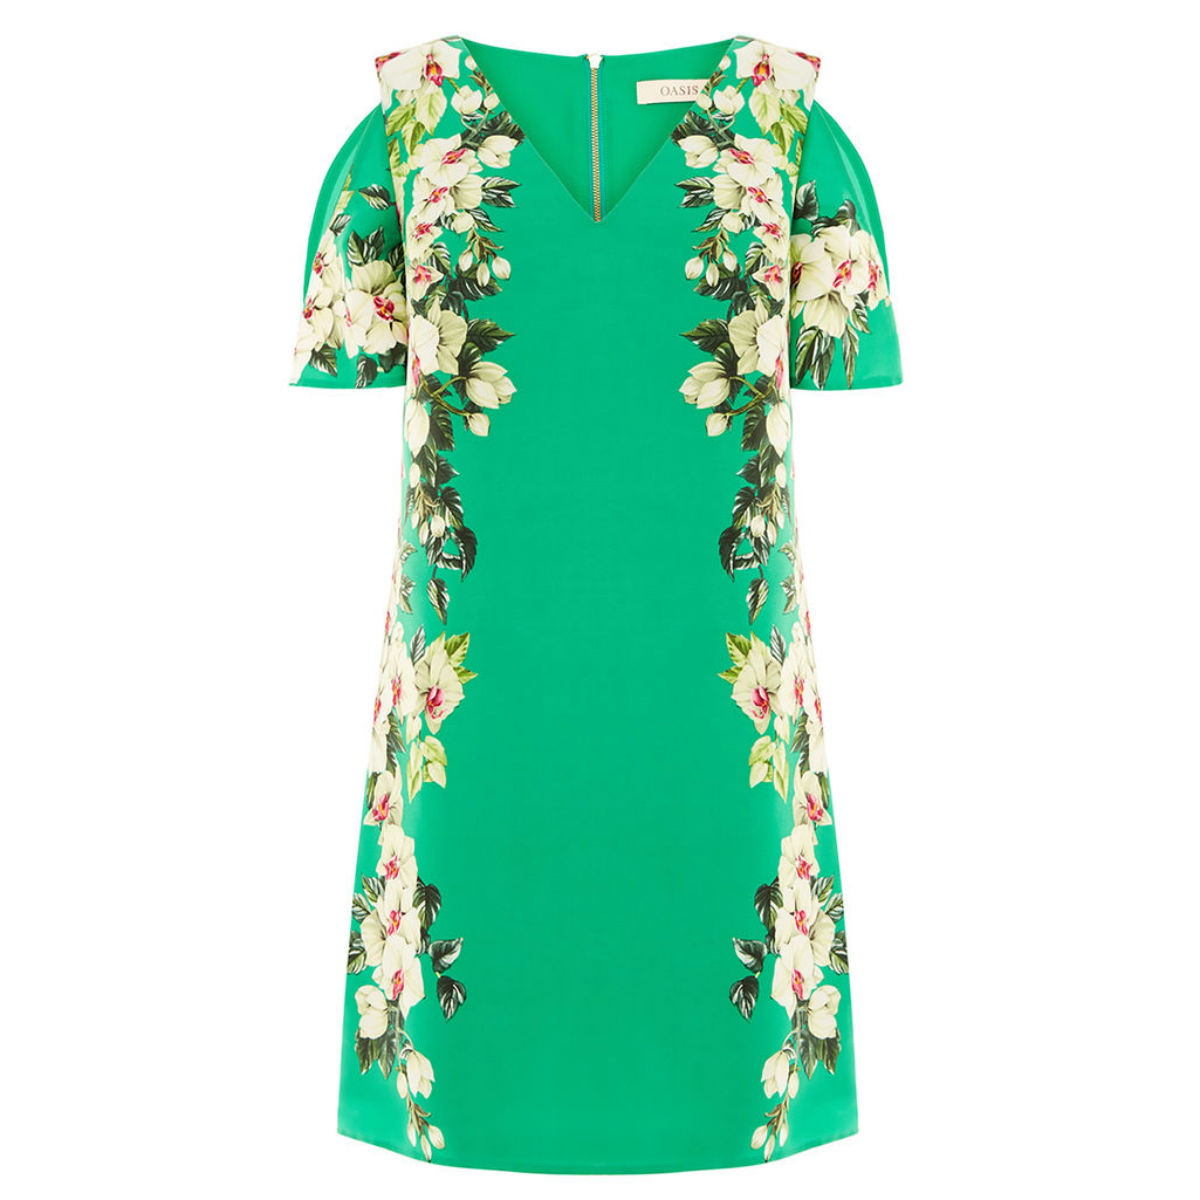 Tropical cold shoulder dress, £48, Oasis